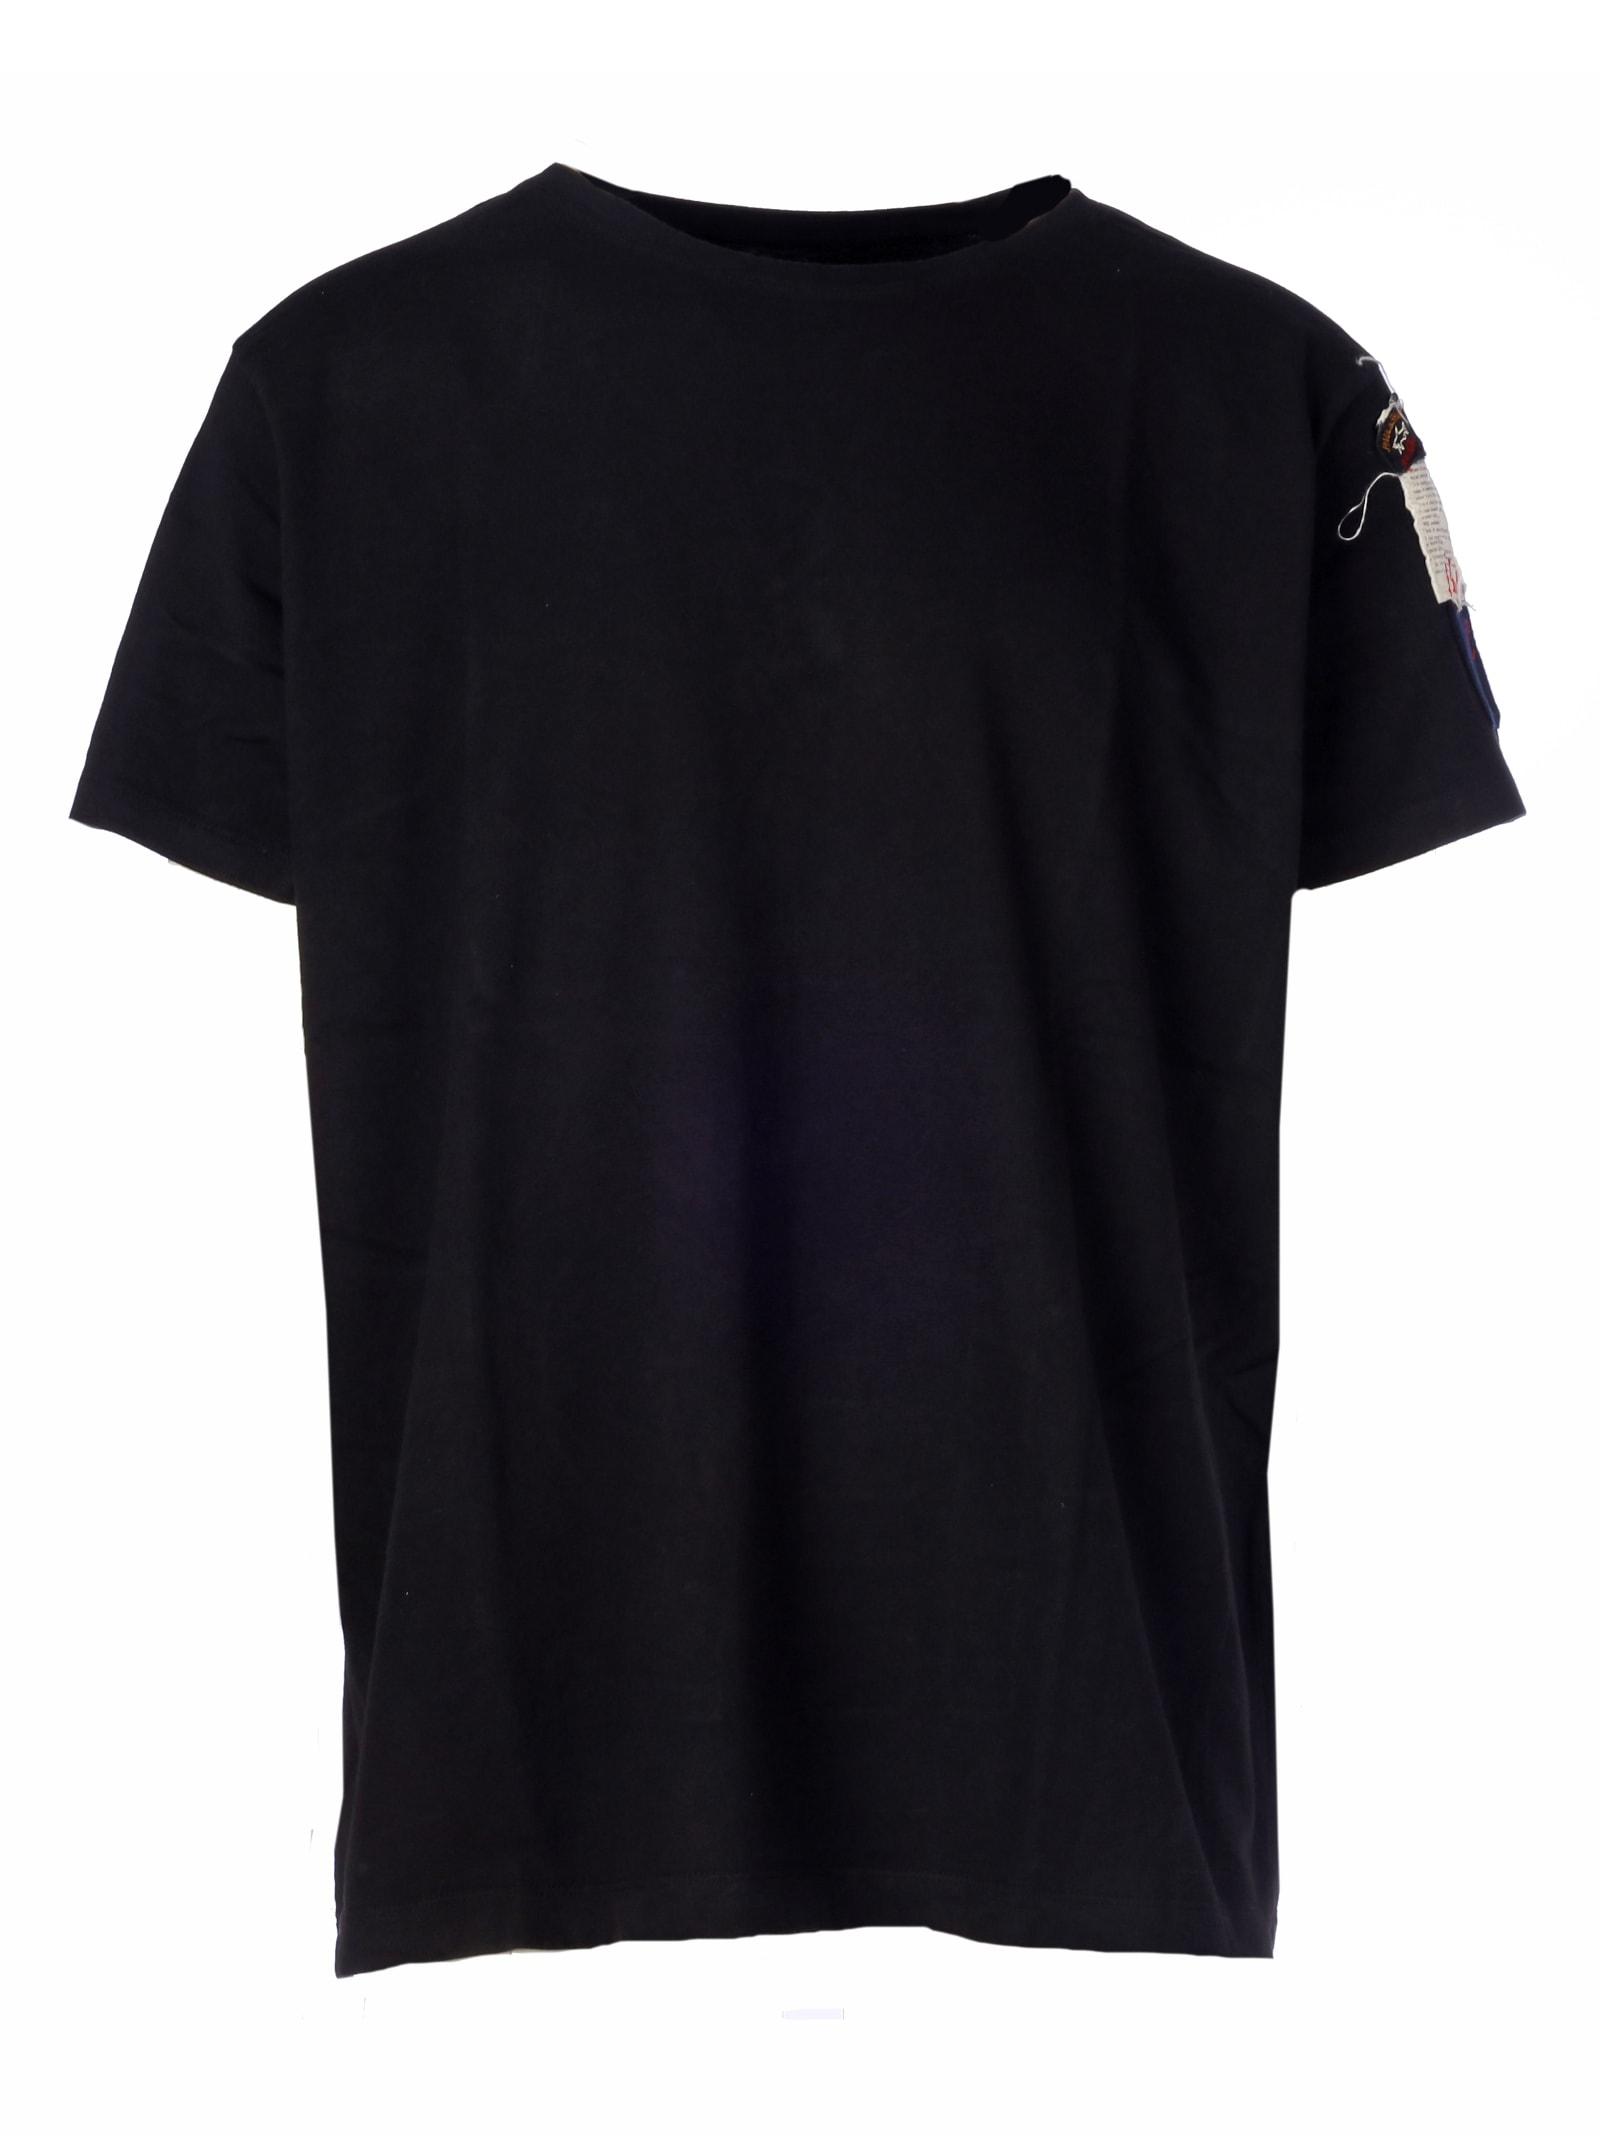 Paul & Shark Basic Embroidery T-shirt